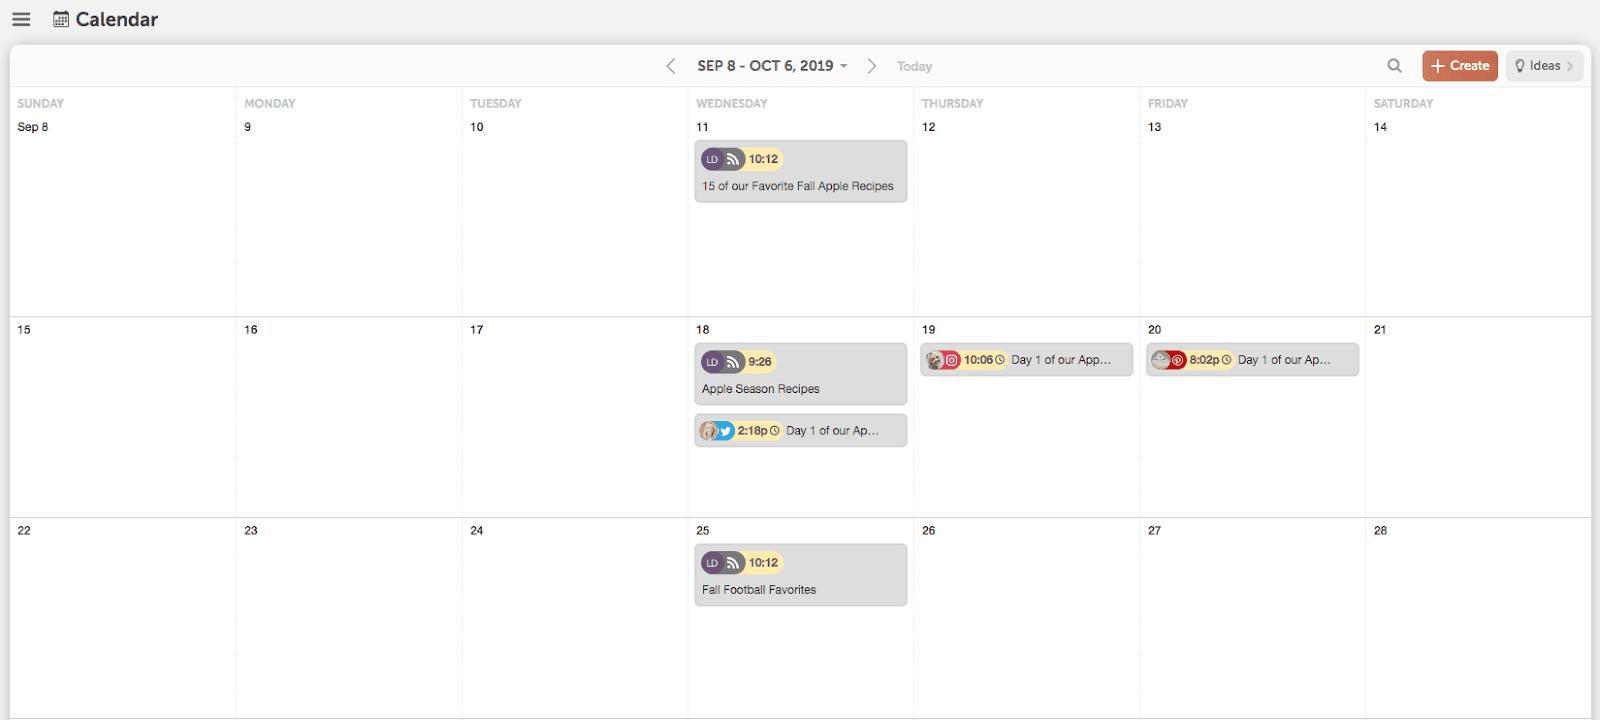 CoSchedule Calendar content planning